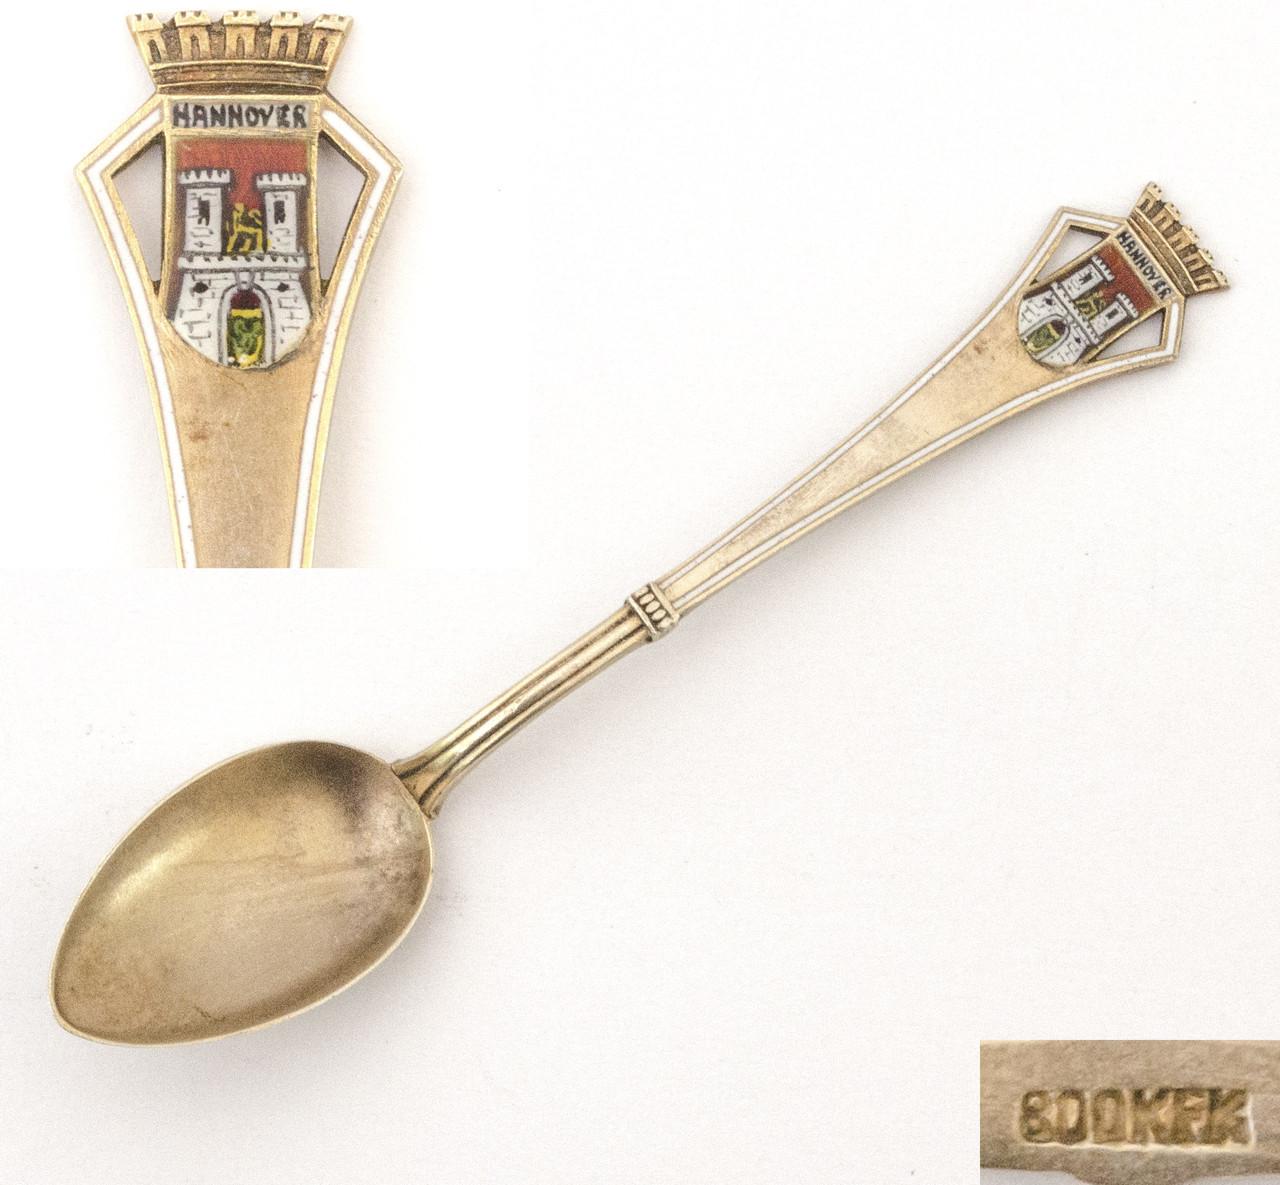 Сувенирная серебряная ложка HANNOVER, Германия, серебро 800 KFK